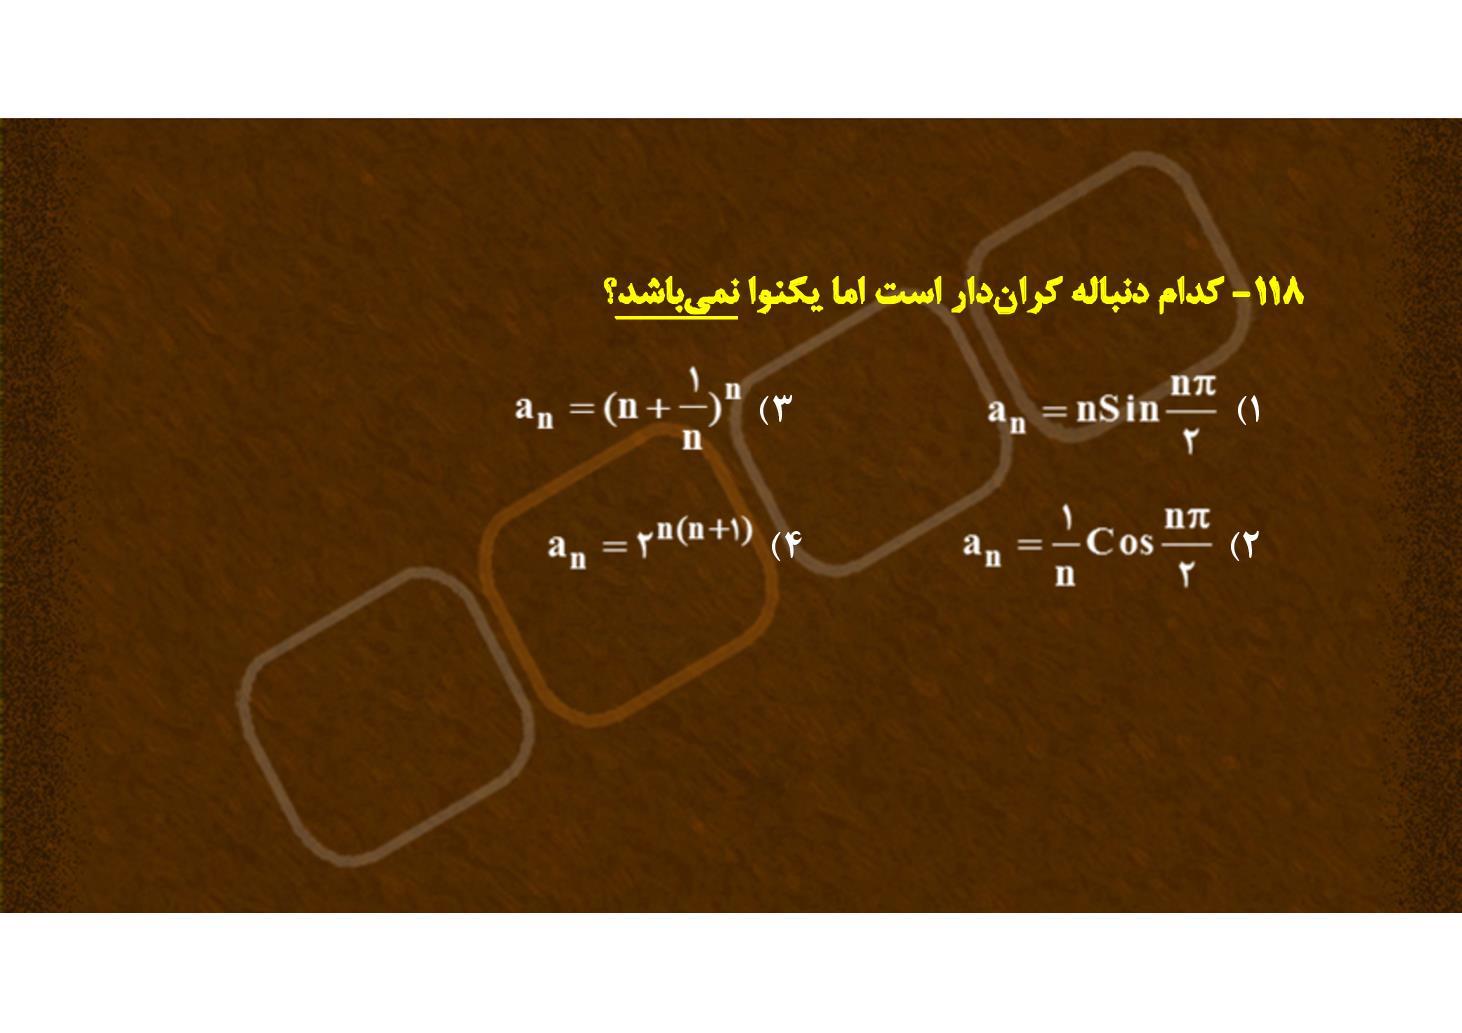 دنباله های کراندار - 2 (PDF)